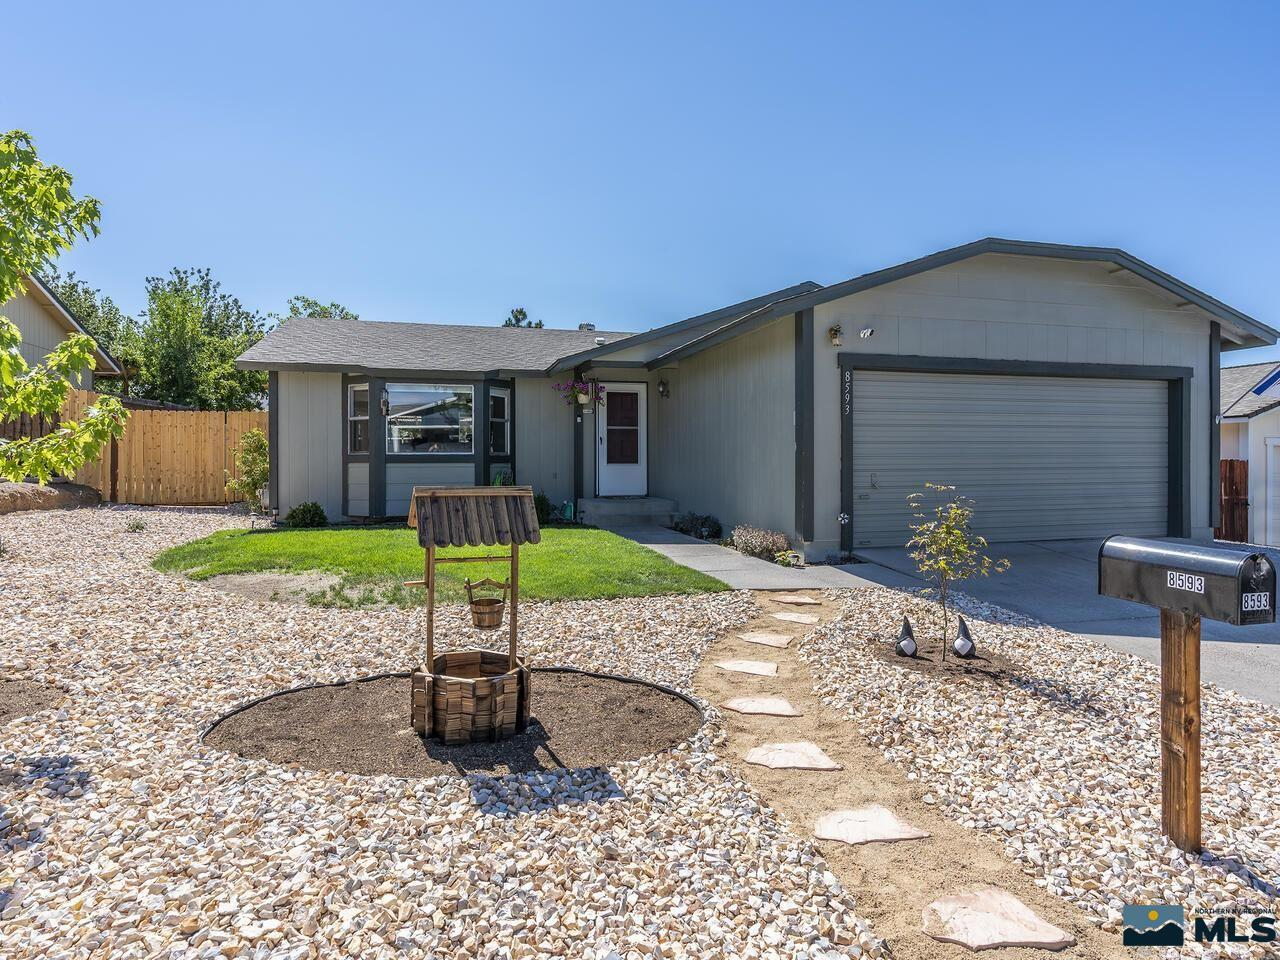 Image for 8593 Moth Circle, Reno, NV 89506